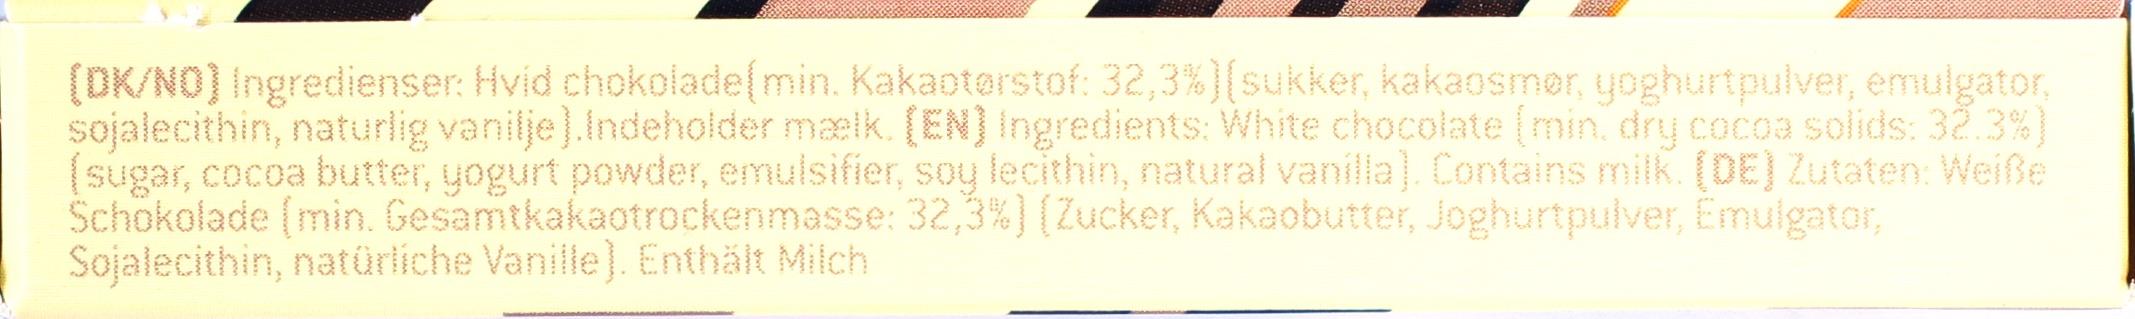 Konnerup Weiße Schokolade 32,3%, Seitenansicht